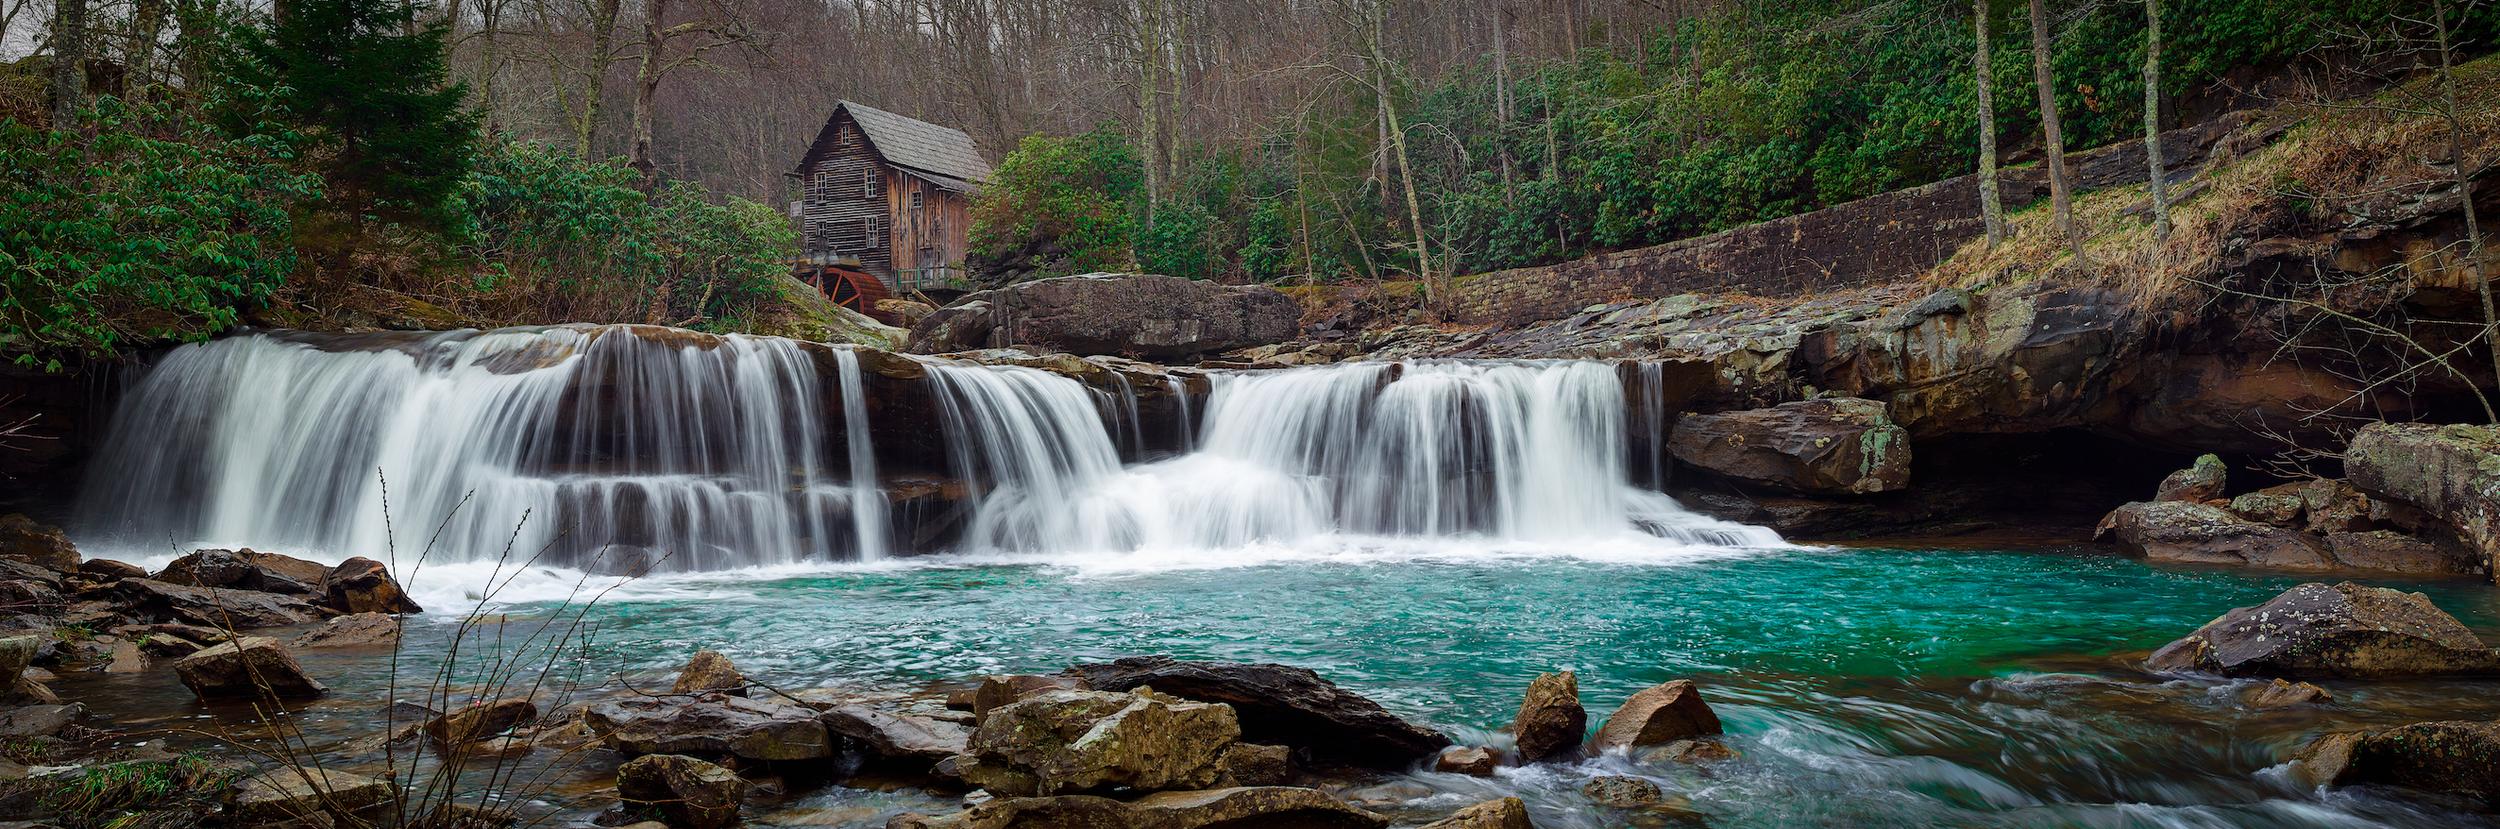 CREEK FALLS - Babcock State Park, West Virginia